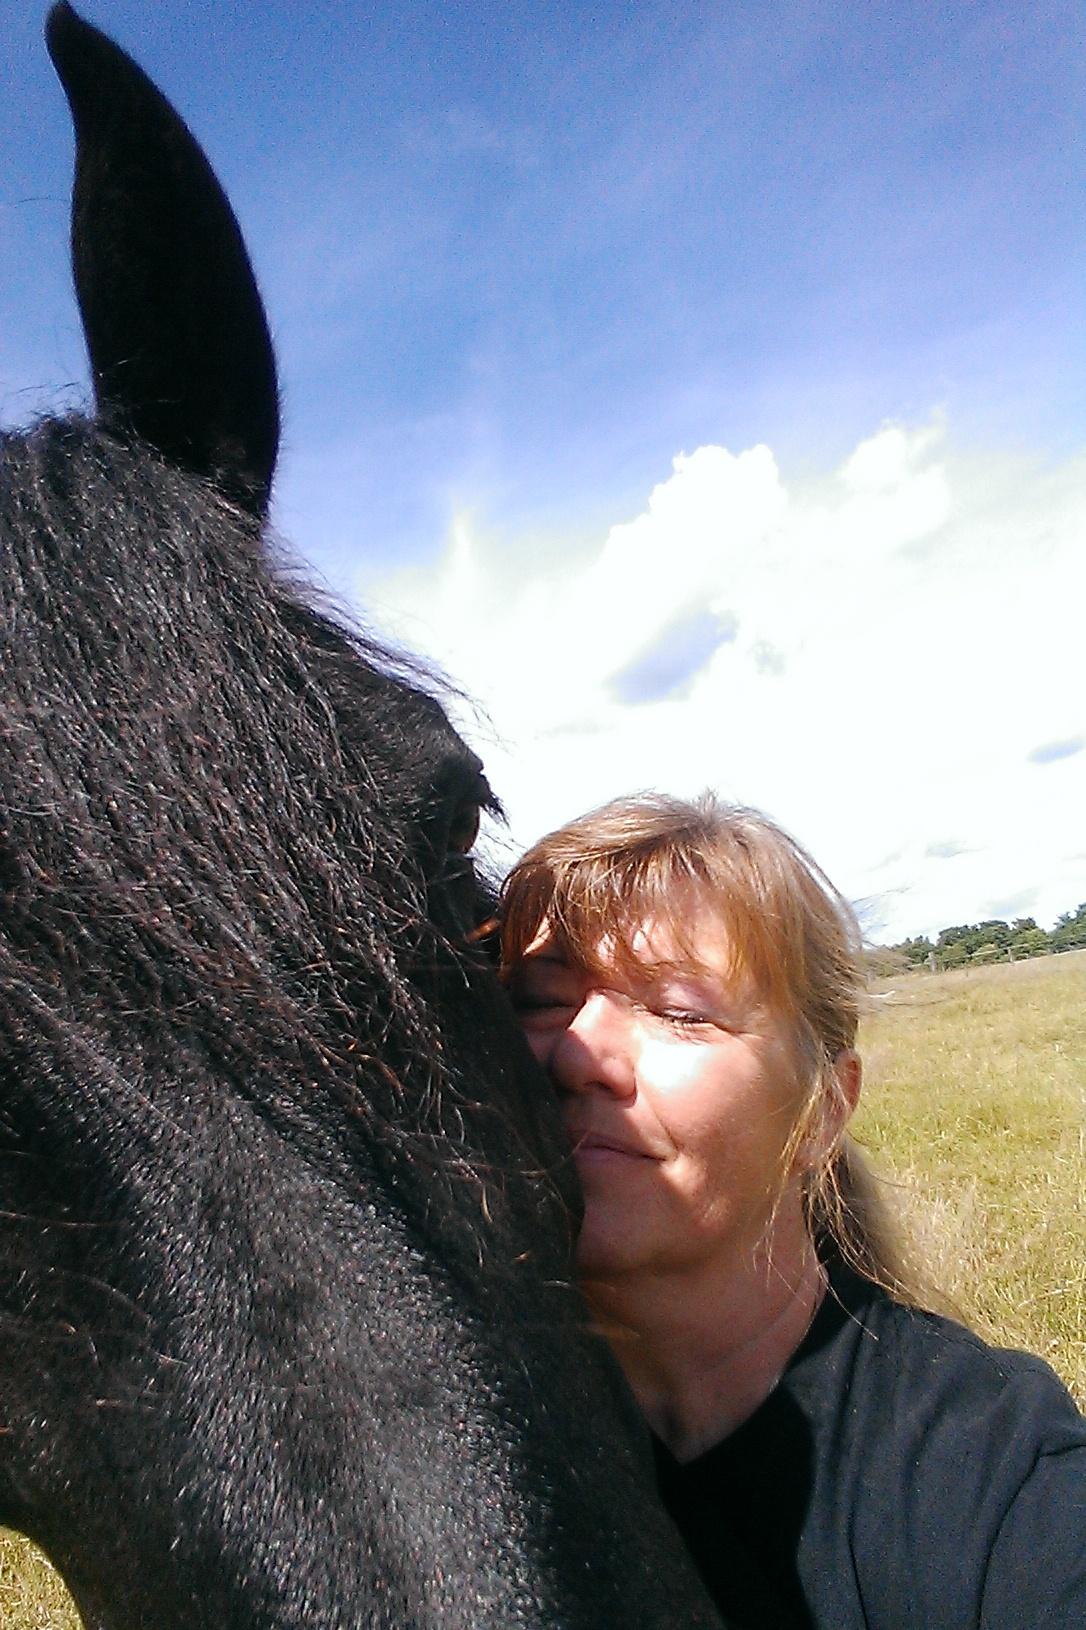 nichts riecht so toll, wie ein Pferd was man liebt.